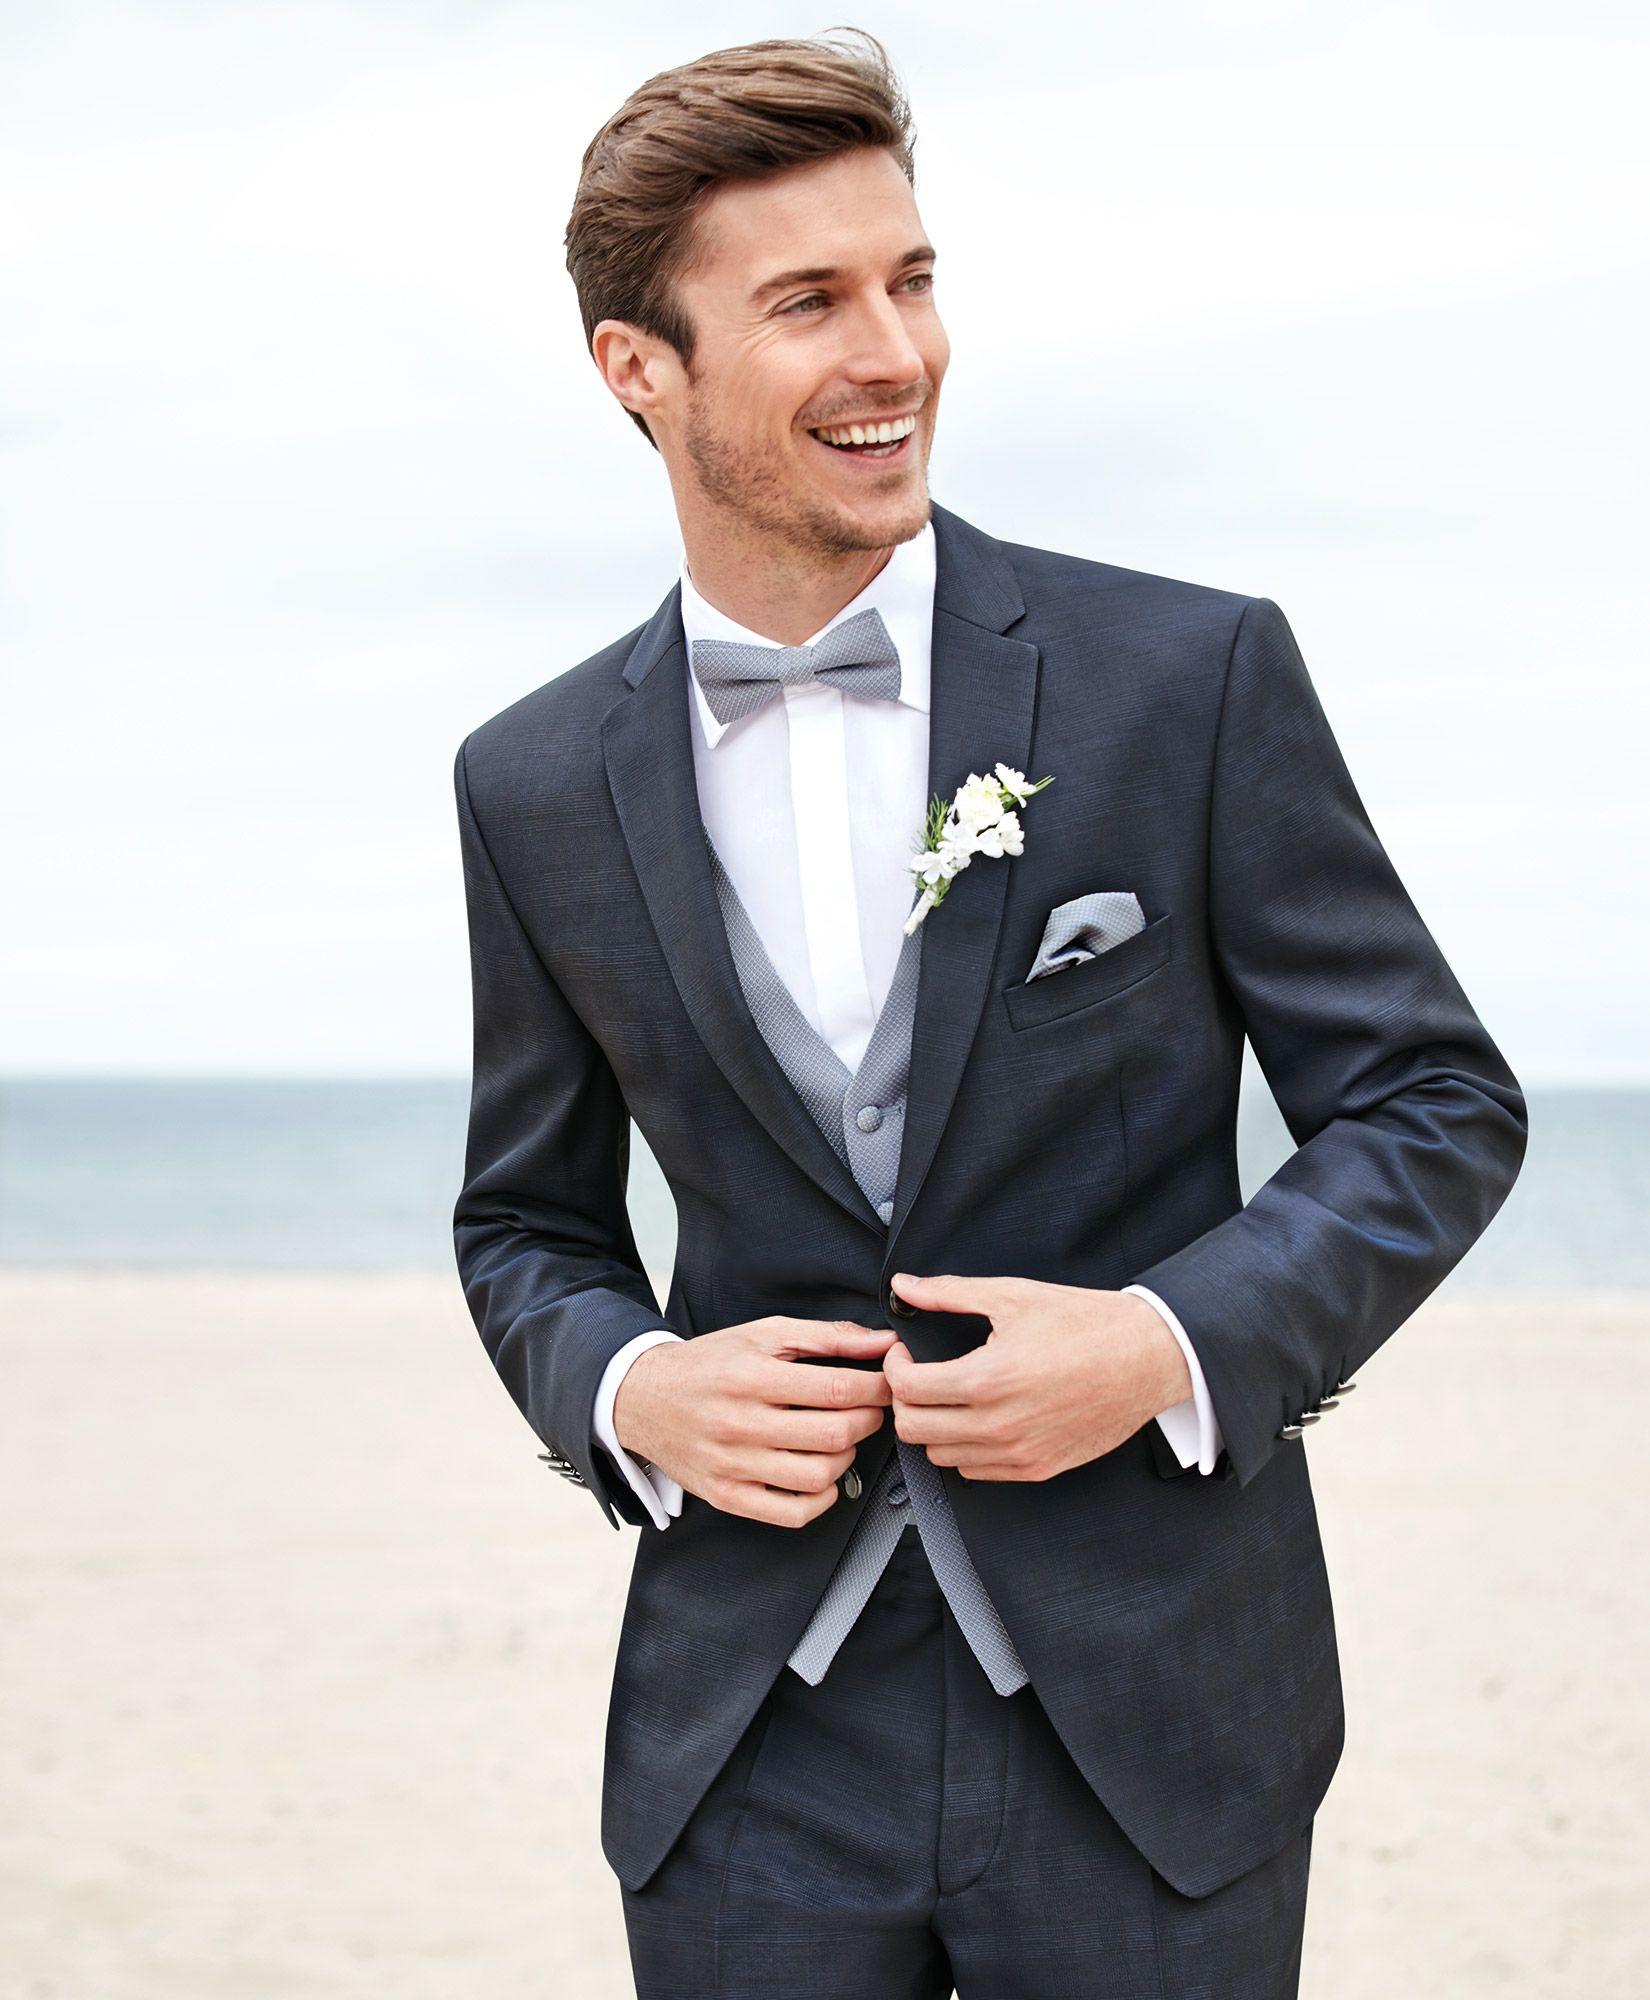 Gala Glencheck Hochzeitsanzug In Der Absoluten Modefarbe Dunkelblau Anzug Hochzeit Mann Anzug Hochzeit Hochzeit Brautigam Anzuge